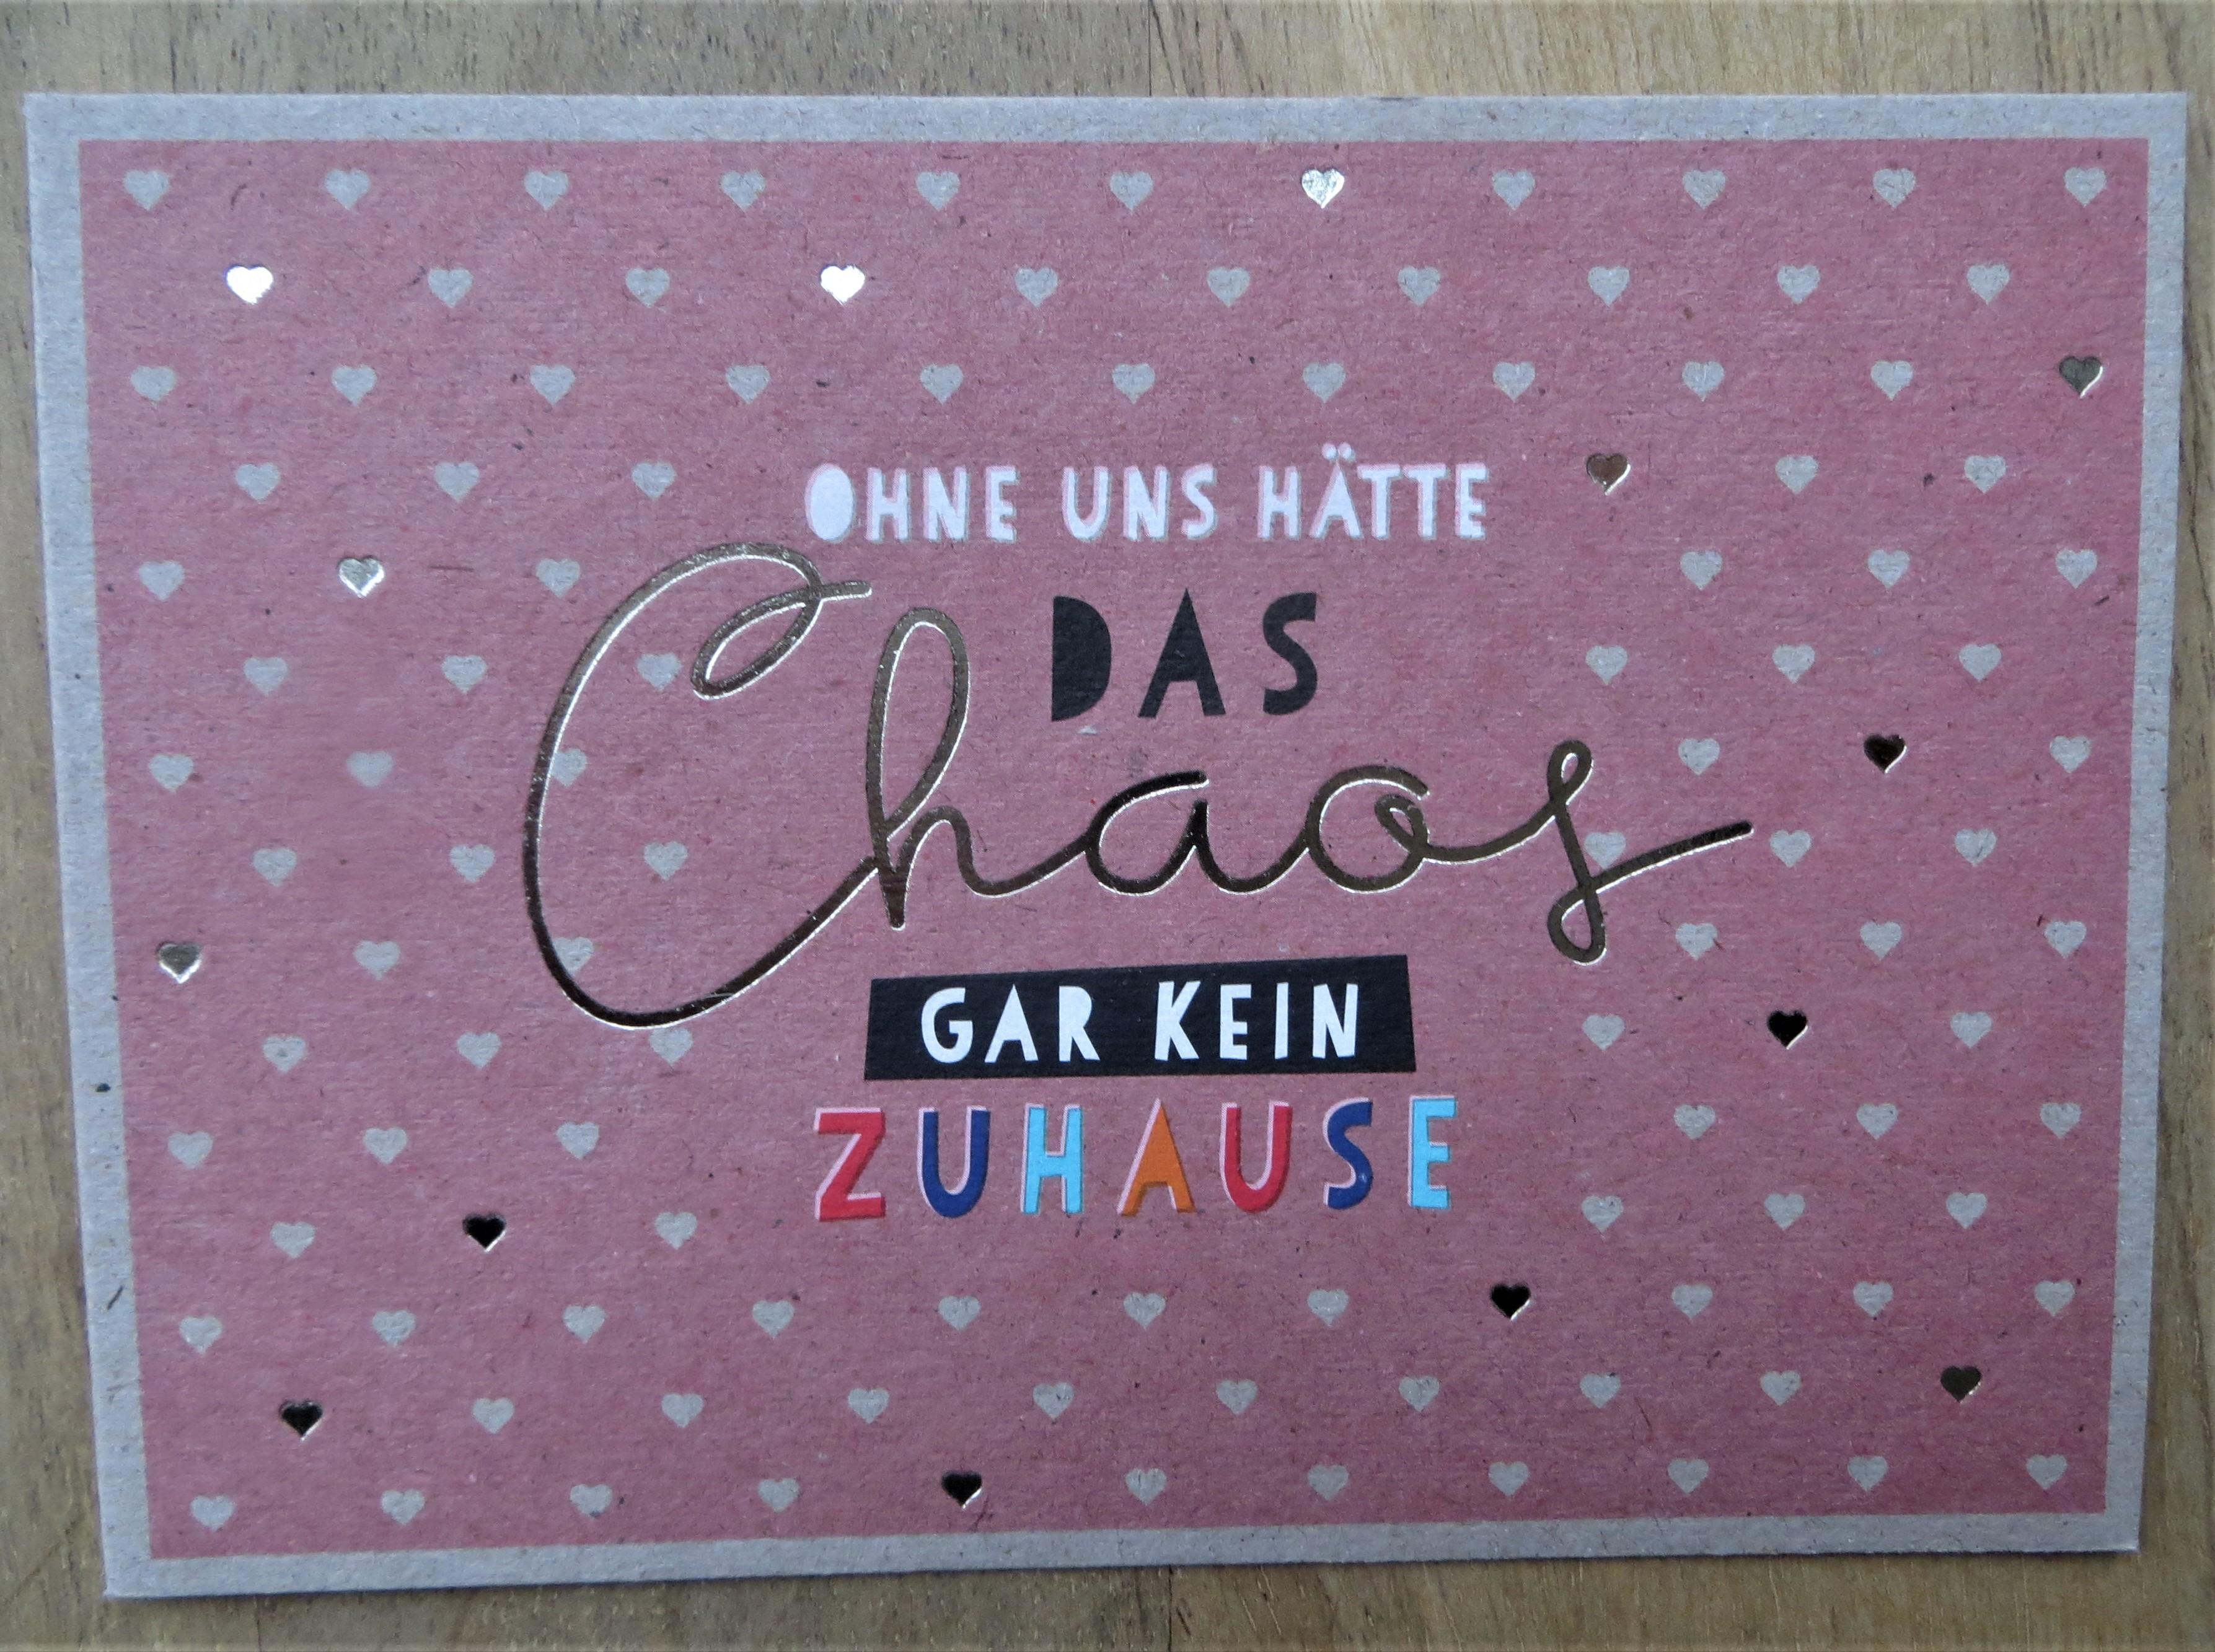 Nützlichgrusskarten - Postkarte Ohne uns hätte das Chaos gar kein Zuhause. KUNST und BILD - Onlineshop Tante Emmer